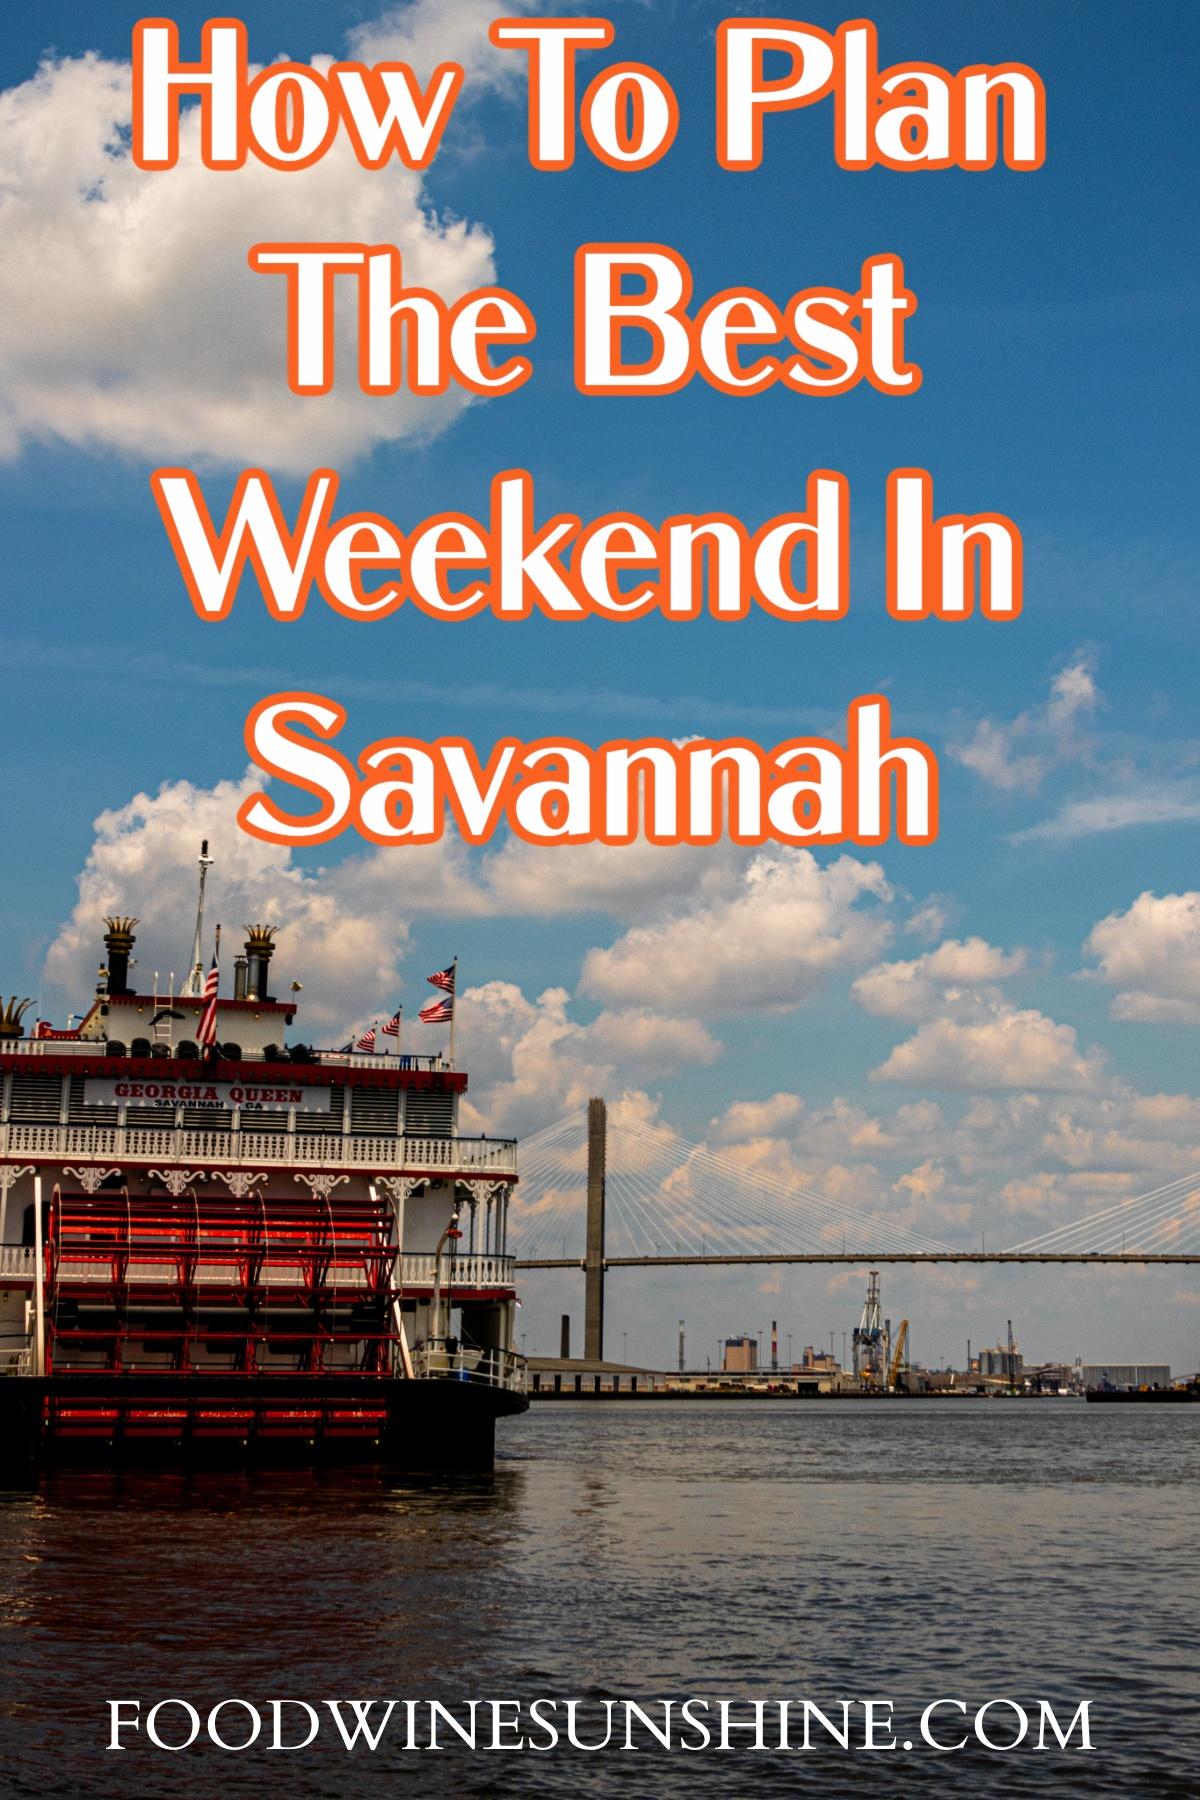 How To Plan The Best Weekend In Savannah